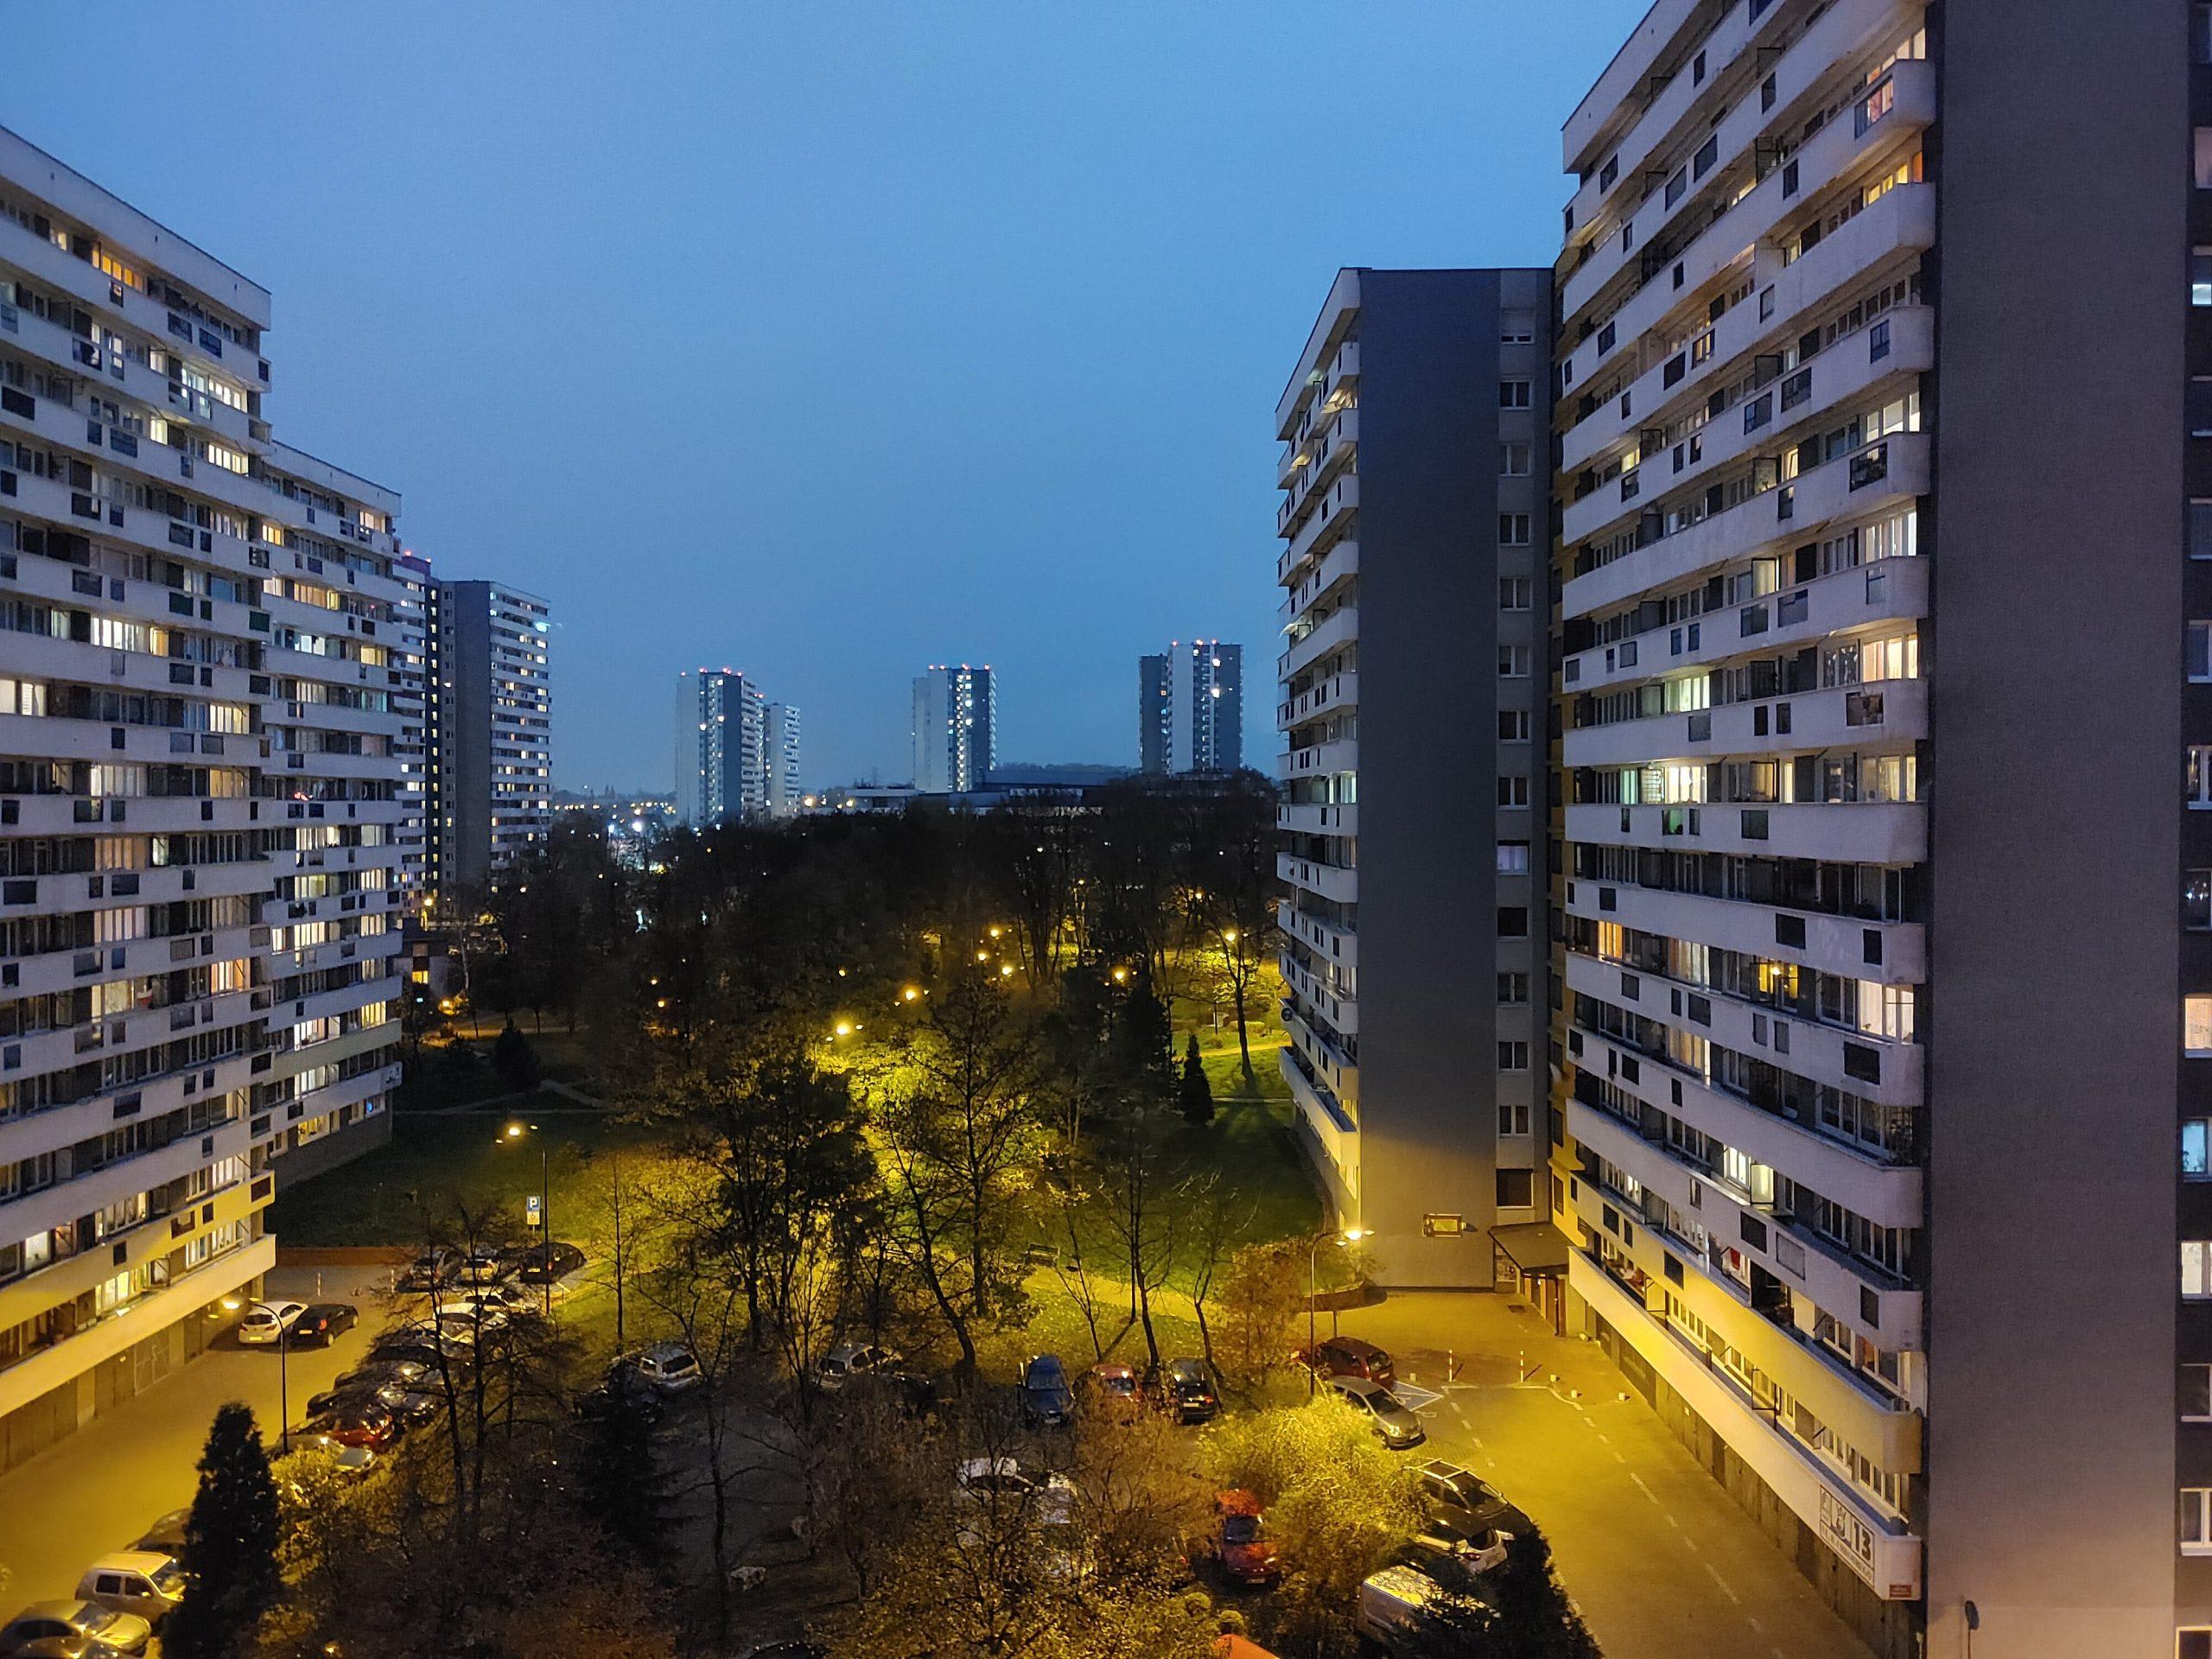 Zdjęcia nocne - LG Velvet